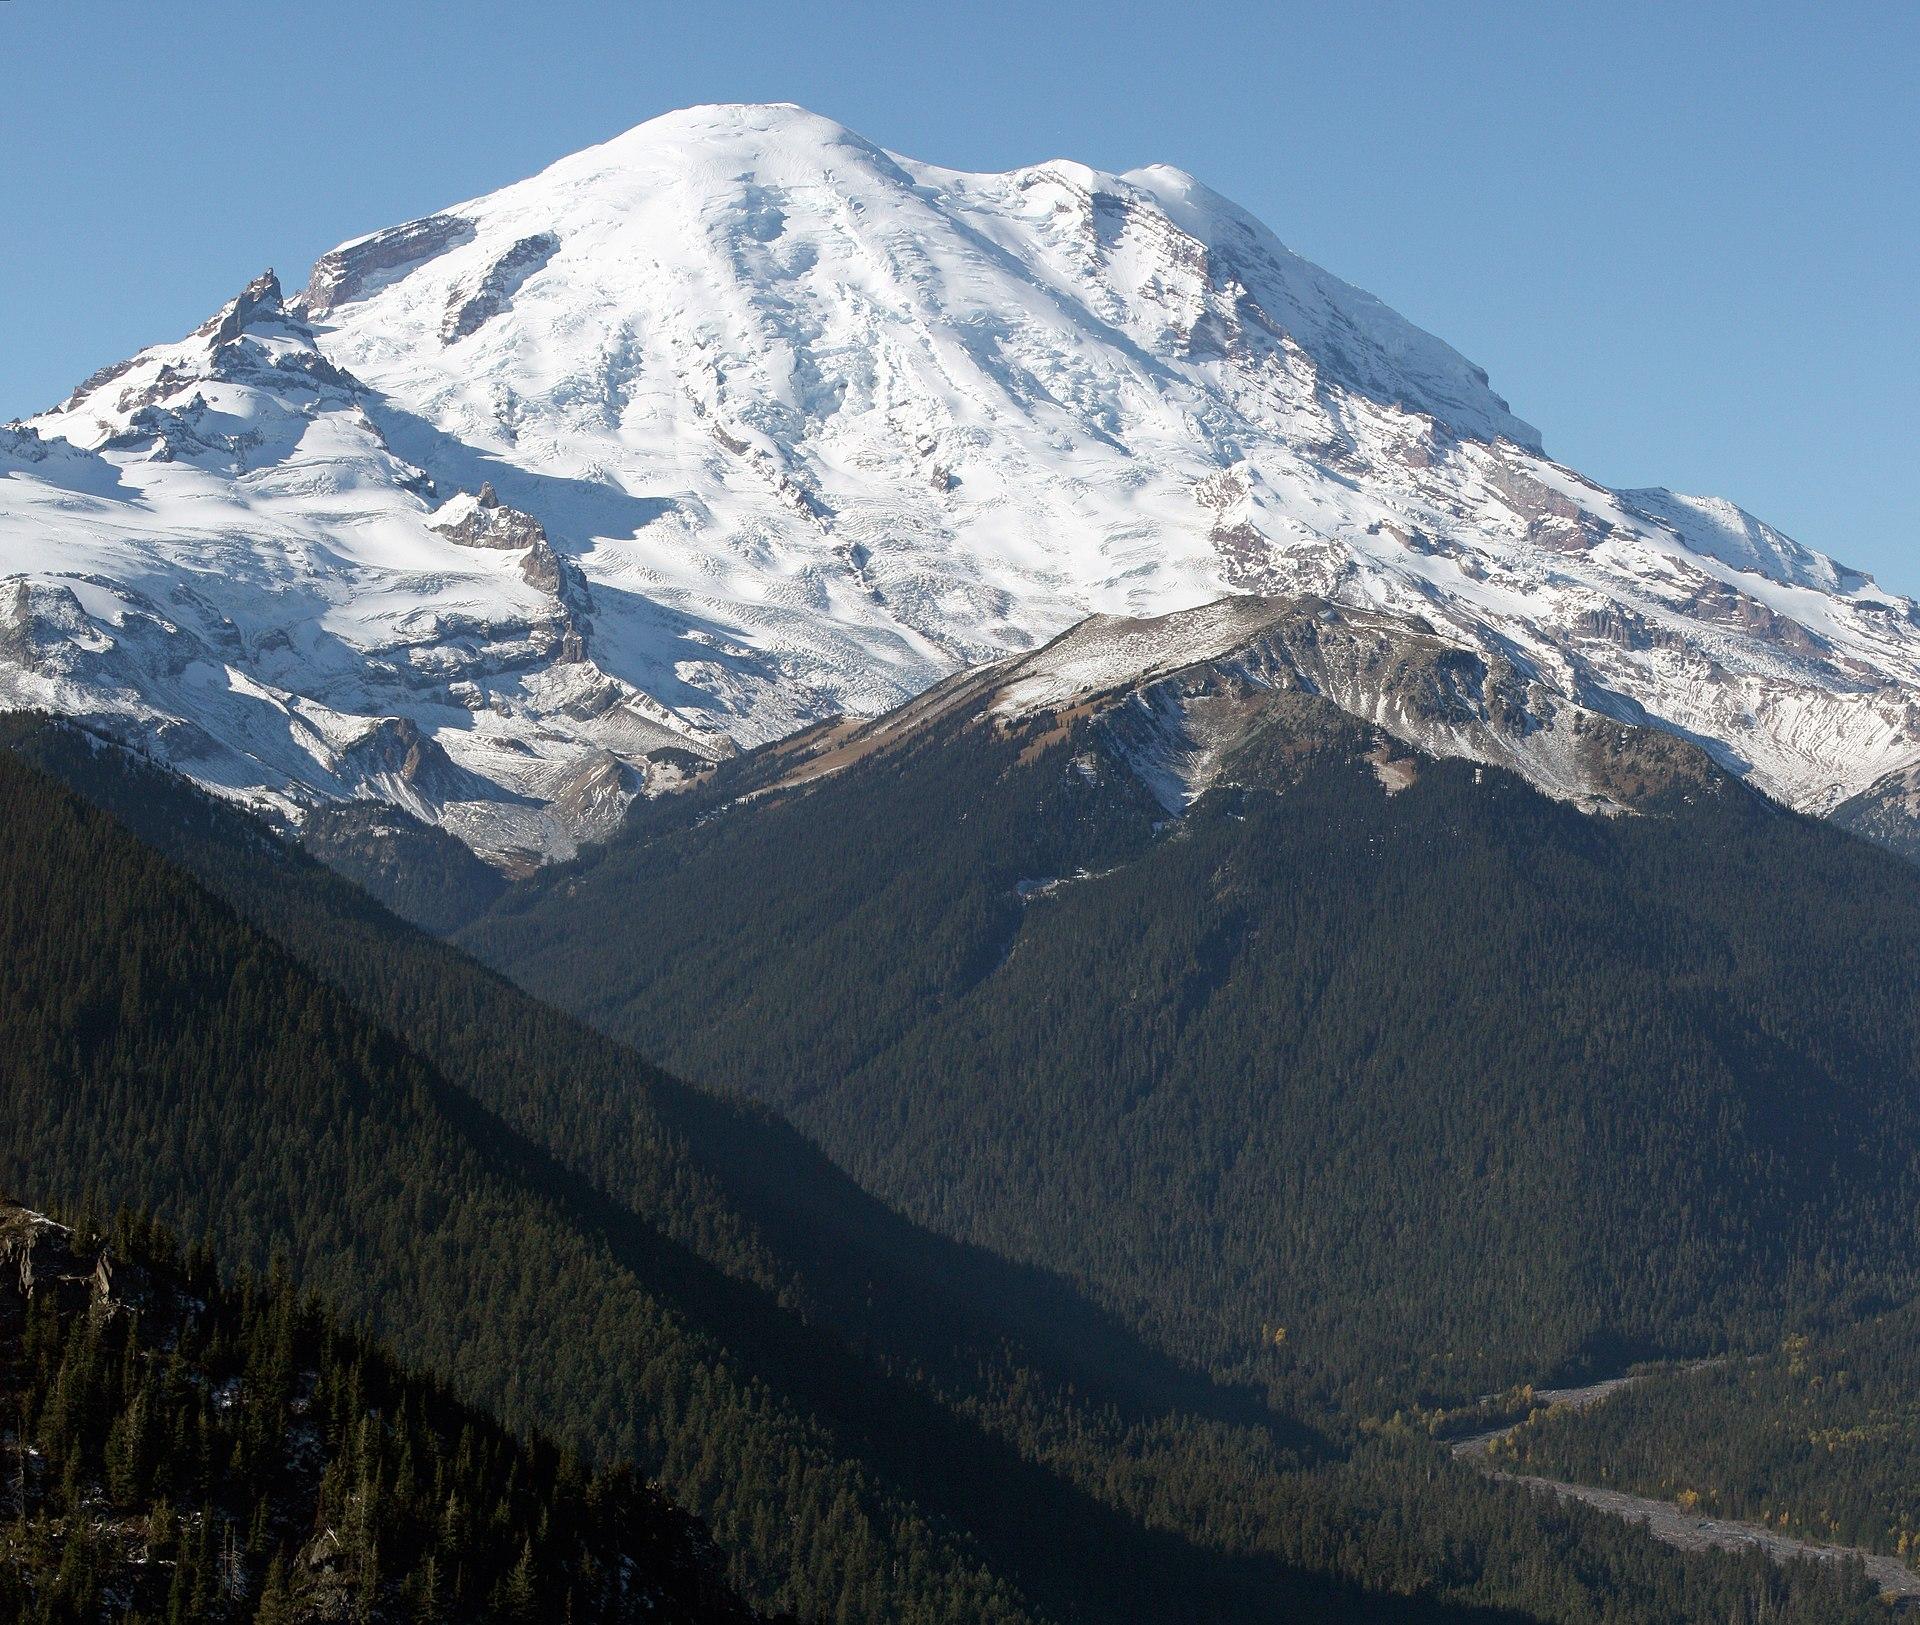 Mount Rainier – Wikipedia